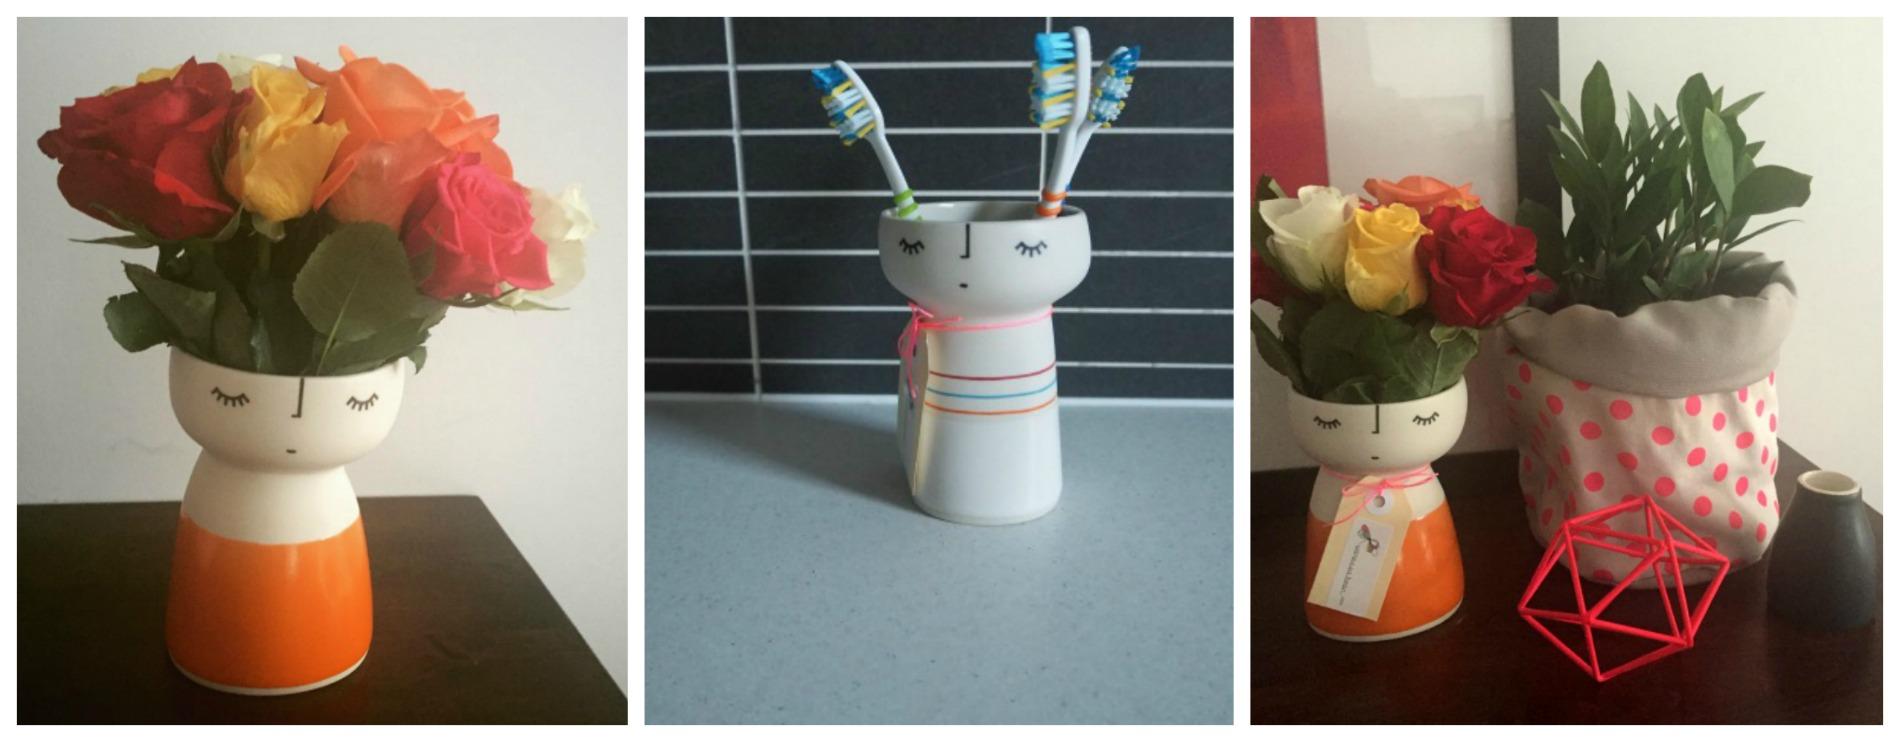 vanessa bean vases giveaway